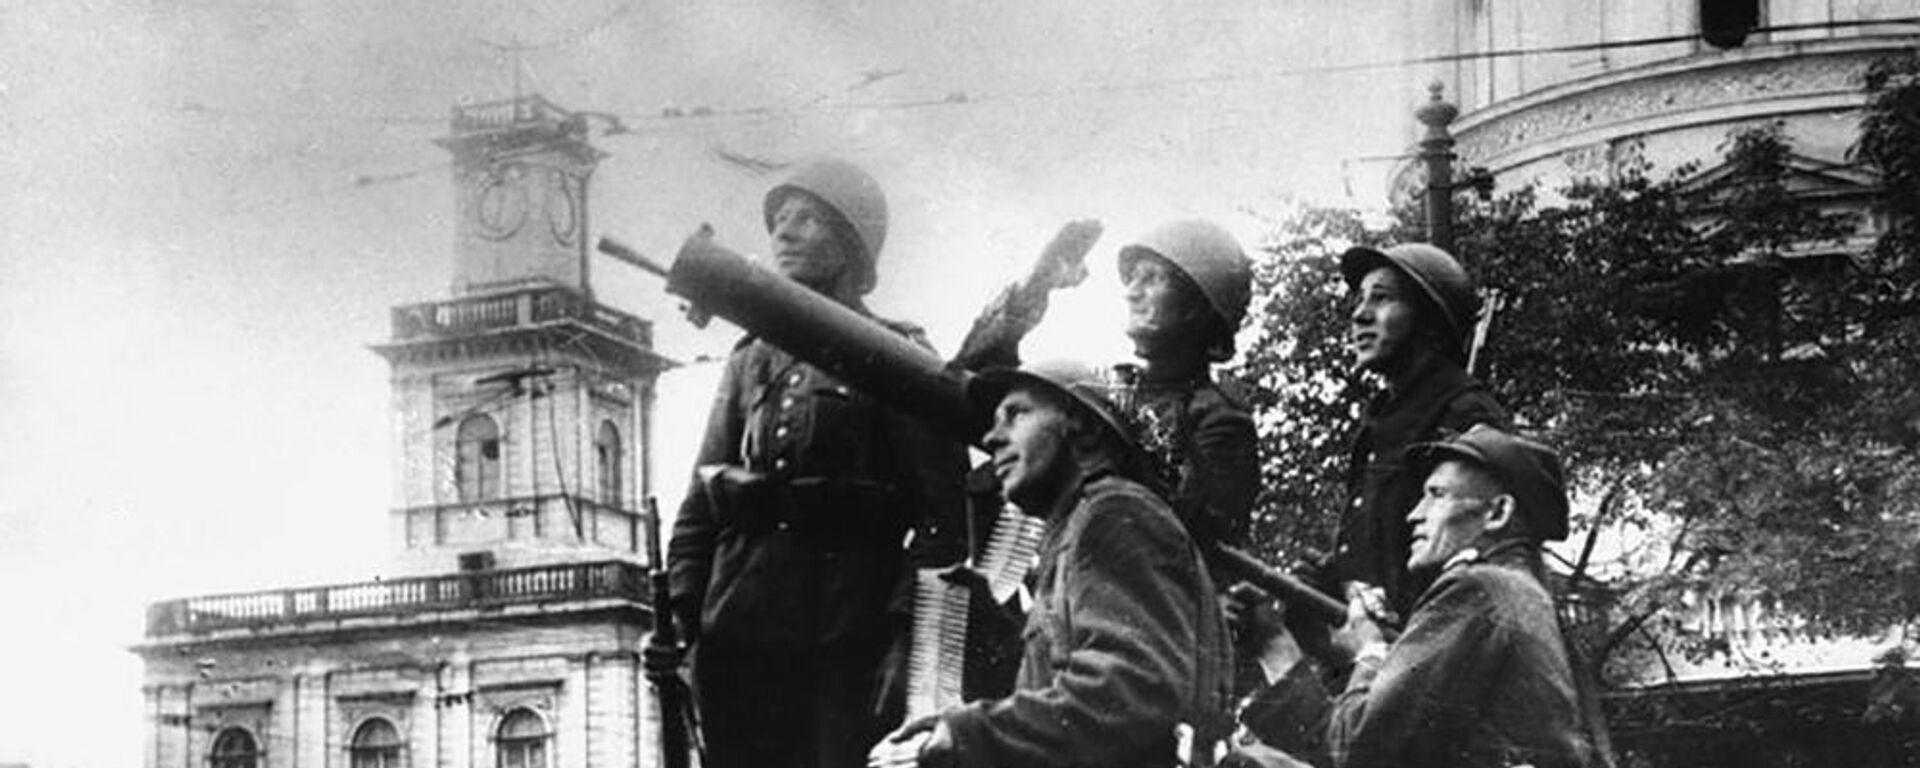 Polscy żołnierze, 1939 rok - Sputnik Polska, 1920, 19.12.2019